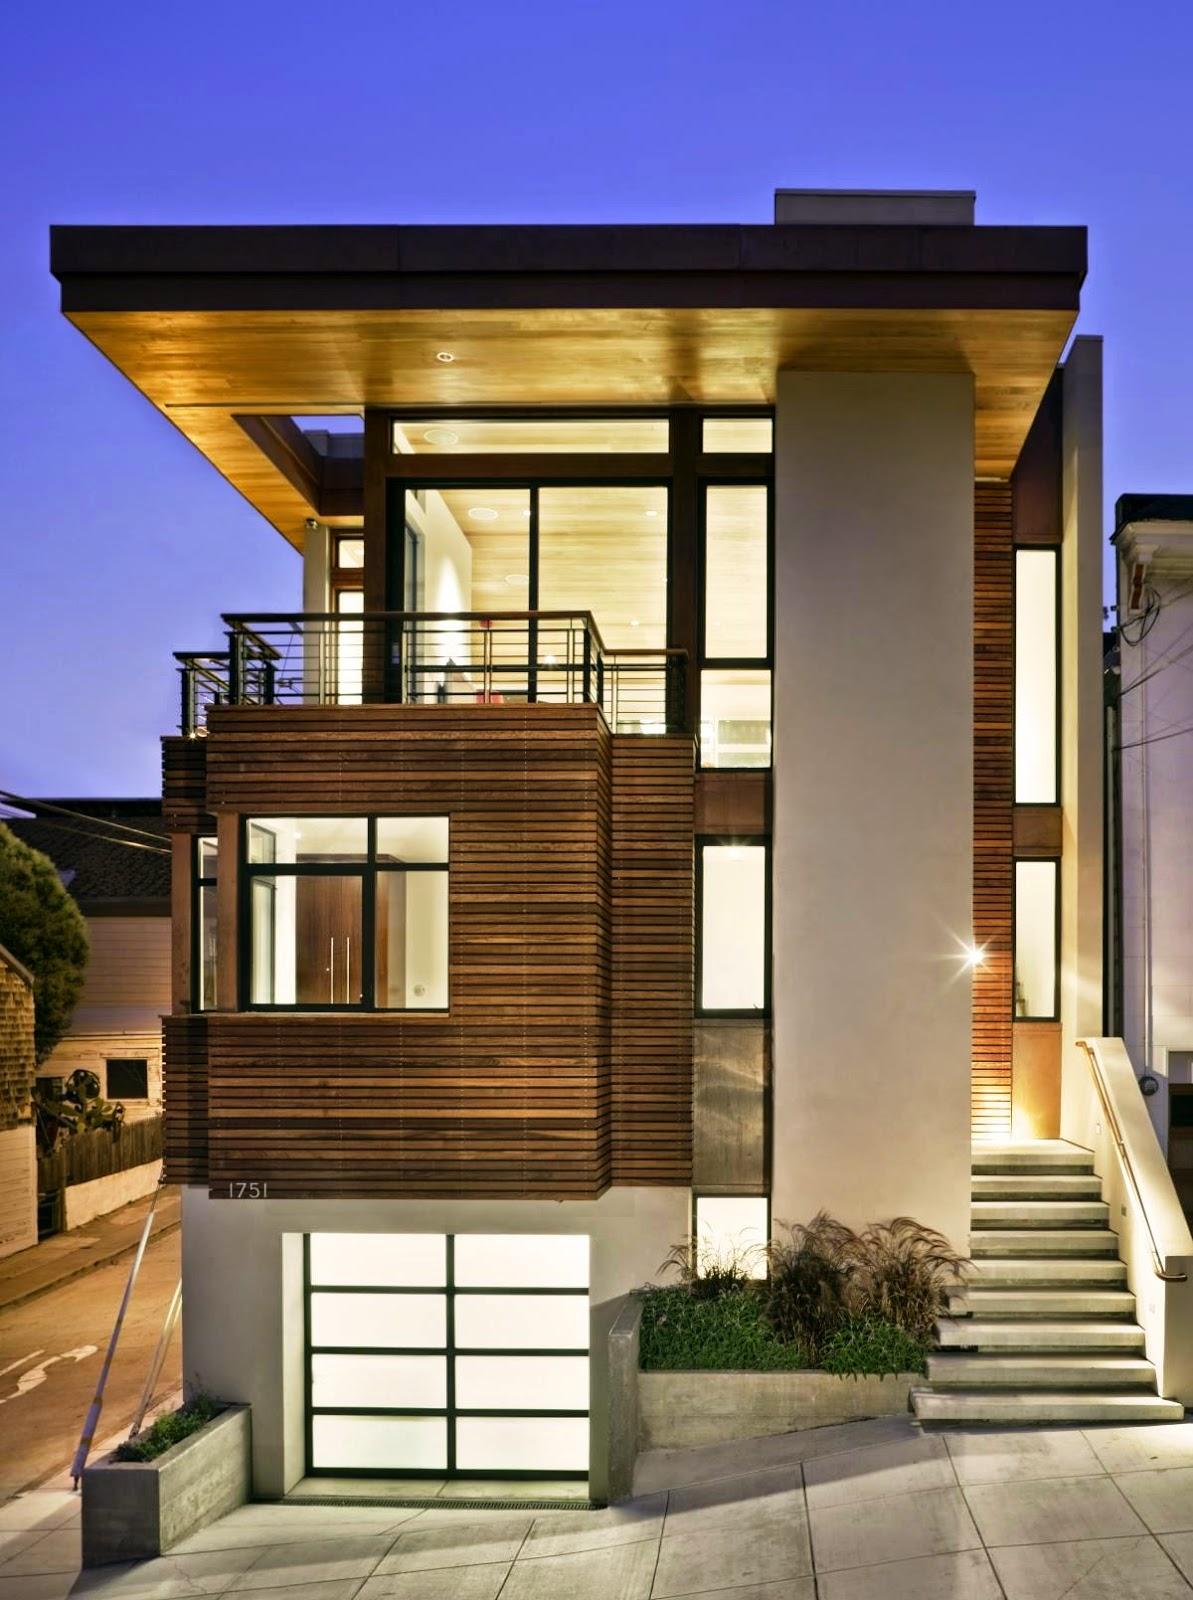 Contoh Gambar Rumah Minimalis 2 Lantai Terbaru